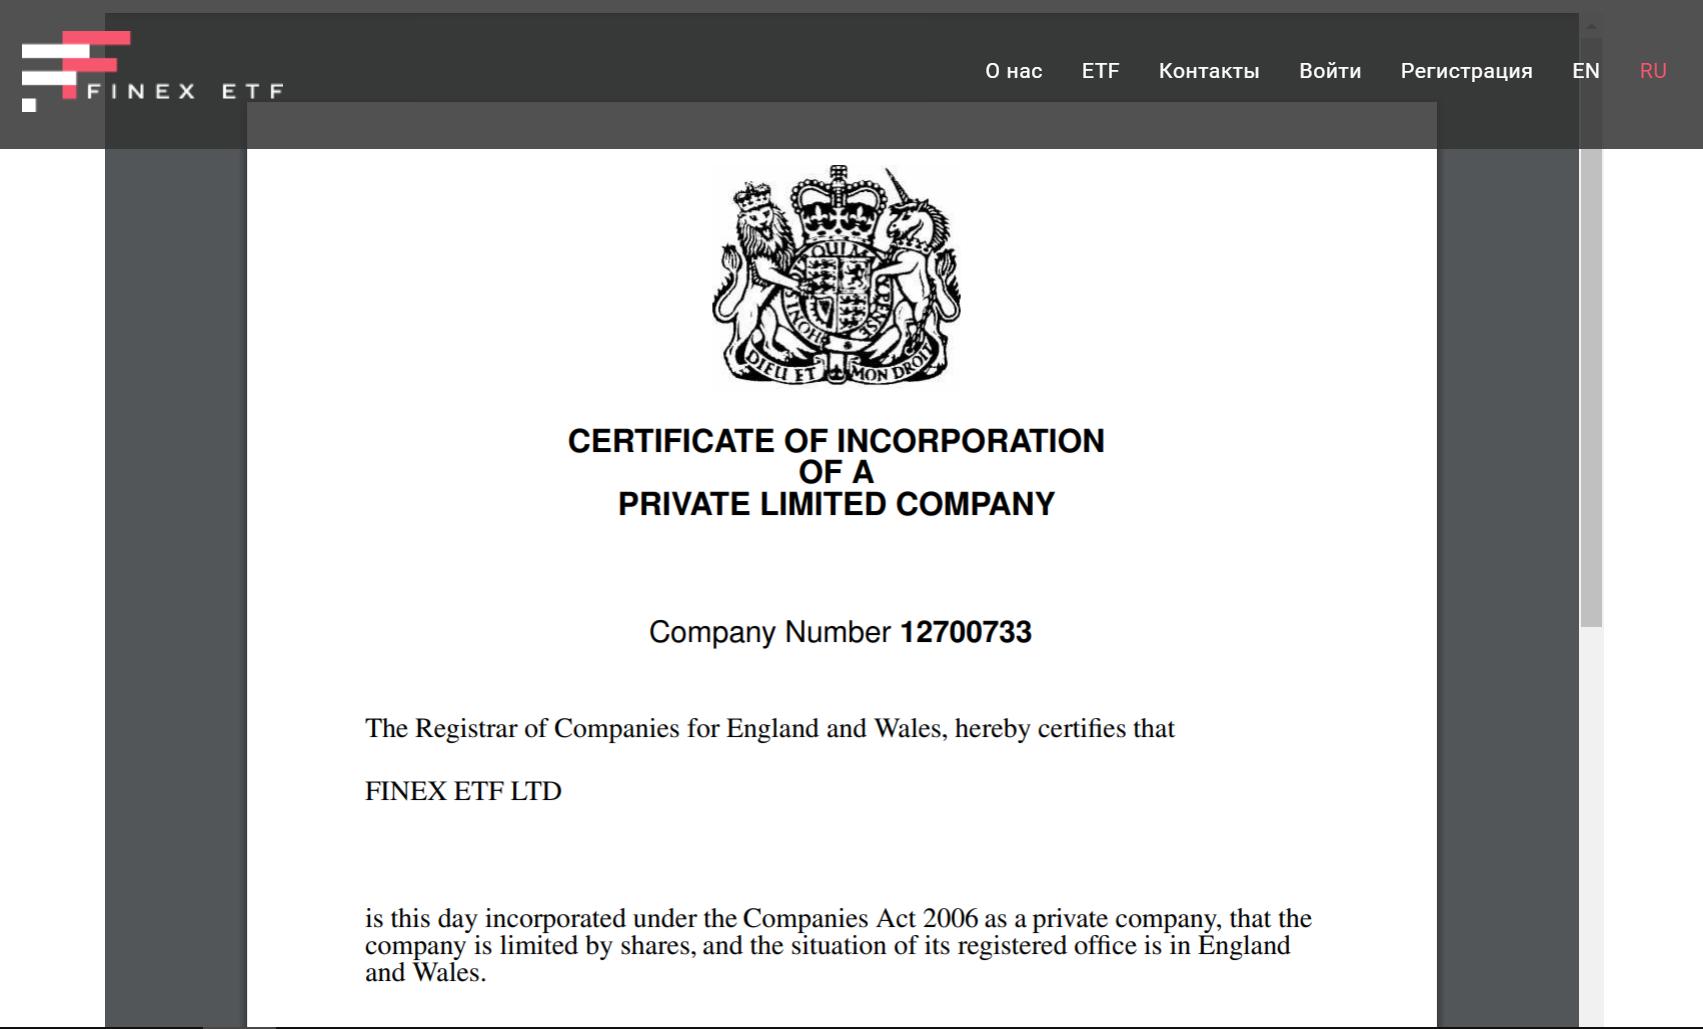 Finex ETF LTD зарегистрирована в соответствии с законом 2006 г